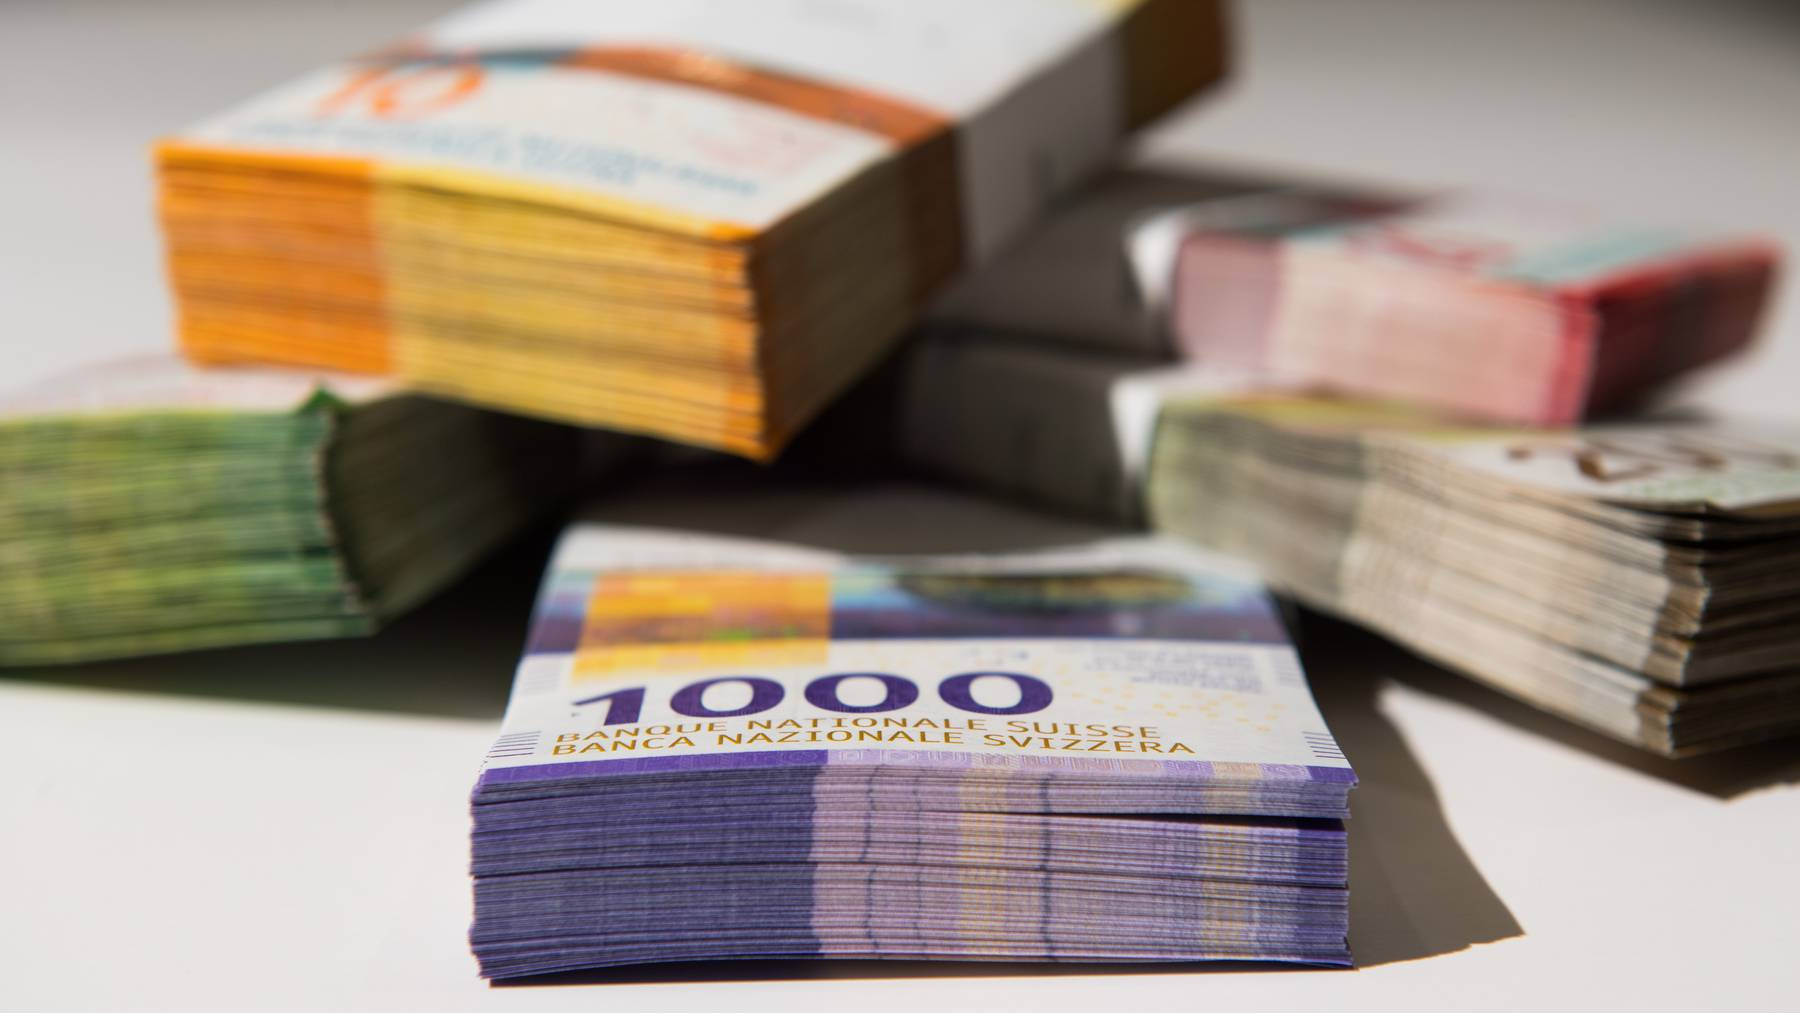 Geldbuendel mit Schweizer Franken liegen auf einem Tisch, am 22. August 2019 in Colderio